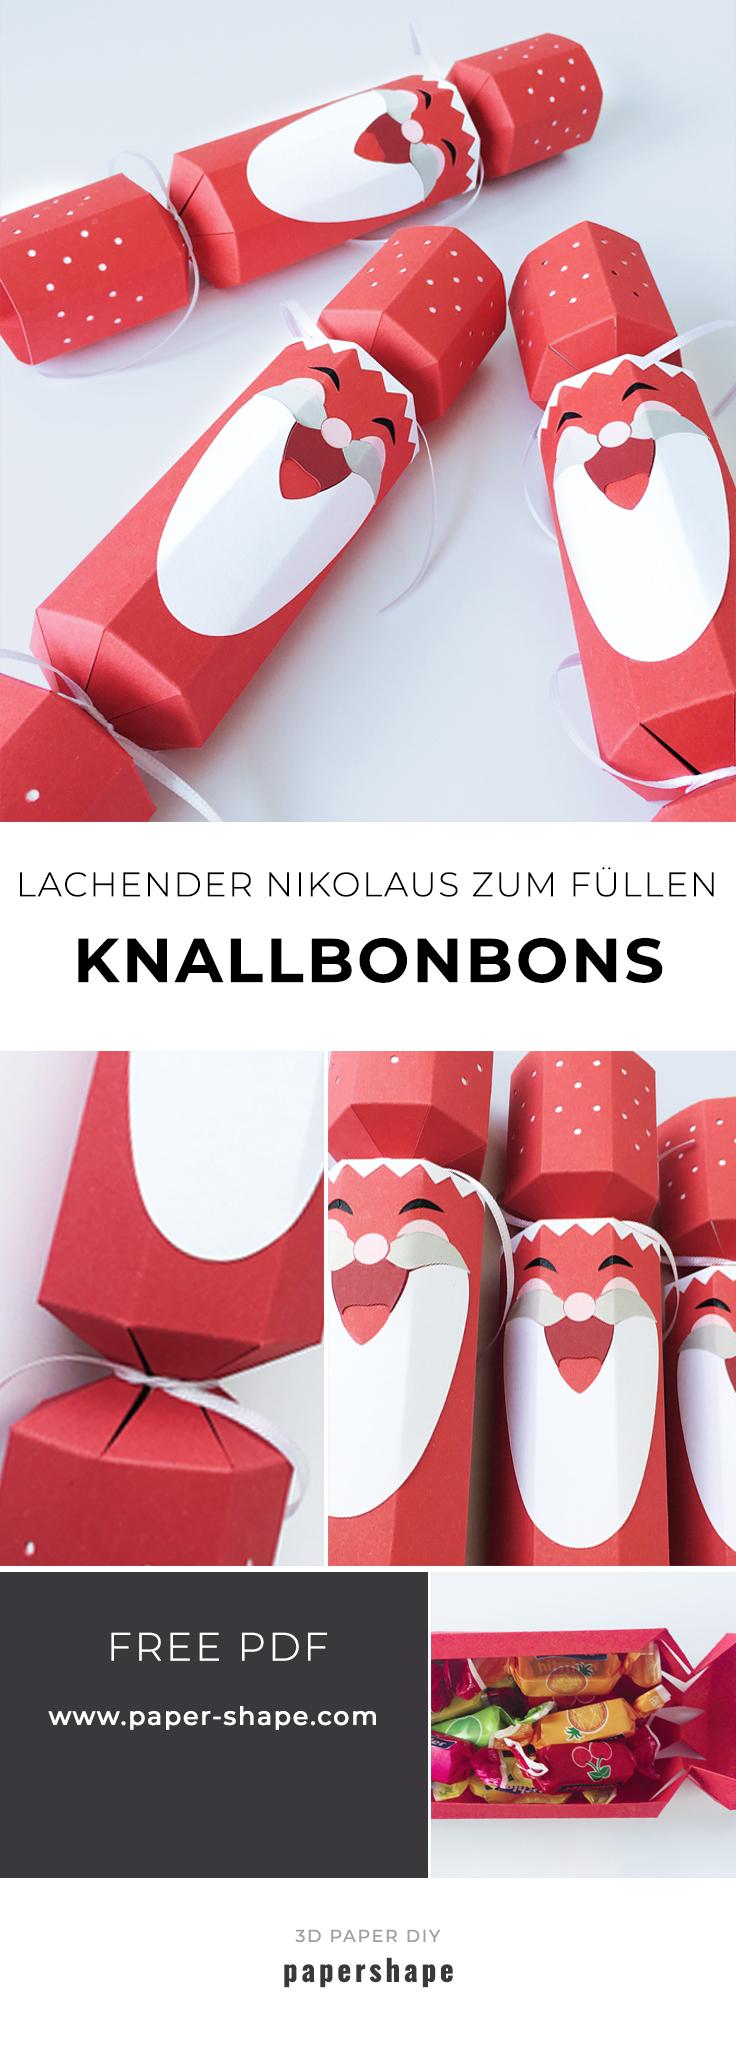 Extrem DIY Knallbonbon als lachenden Nikolaus selber basteln (mit Vorlage KT08